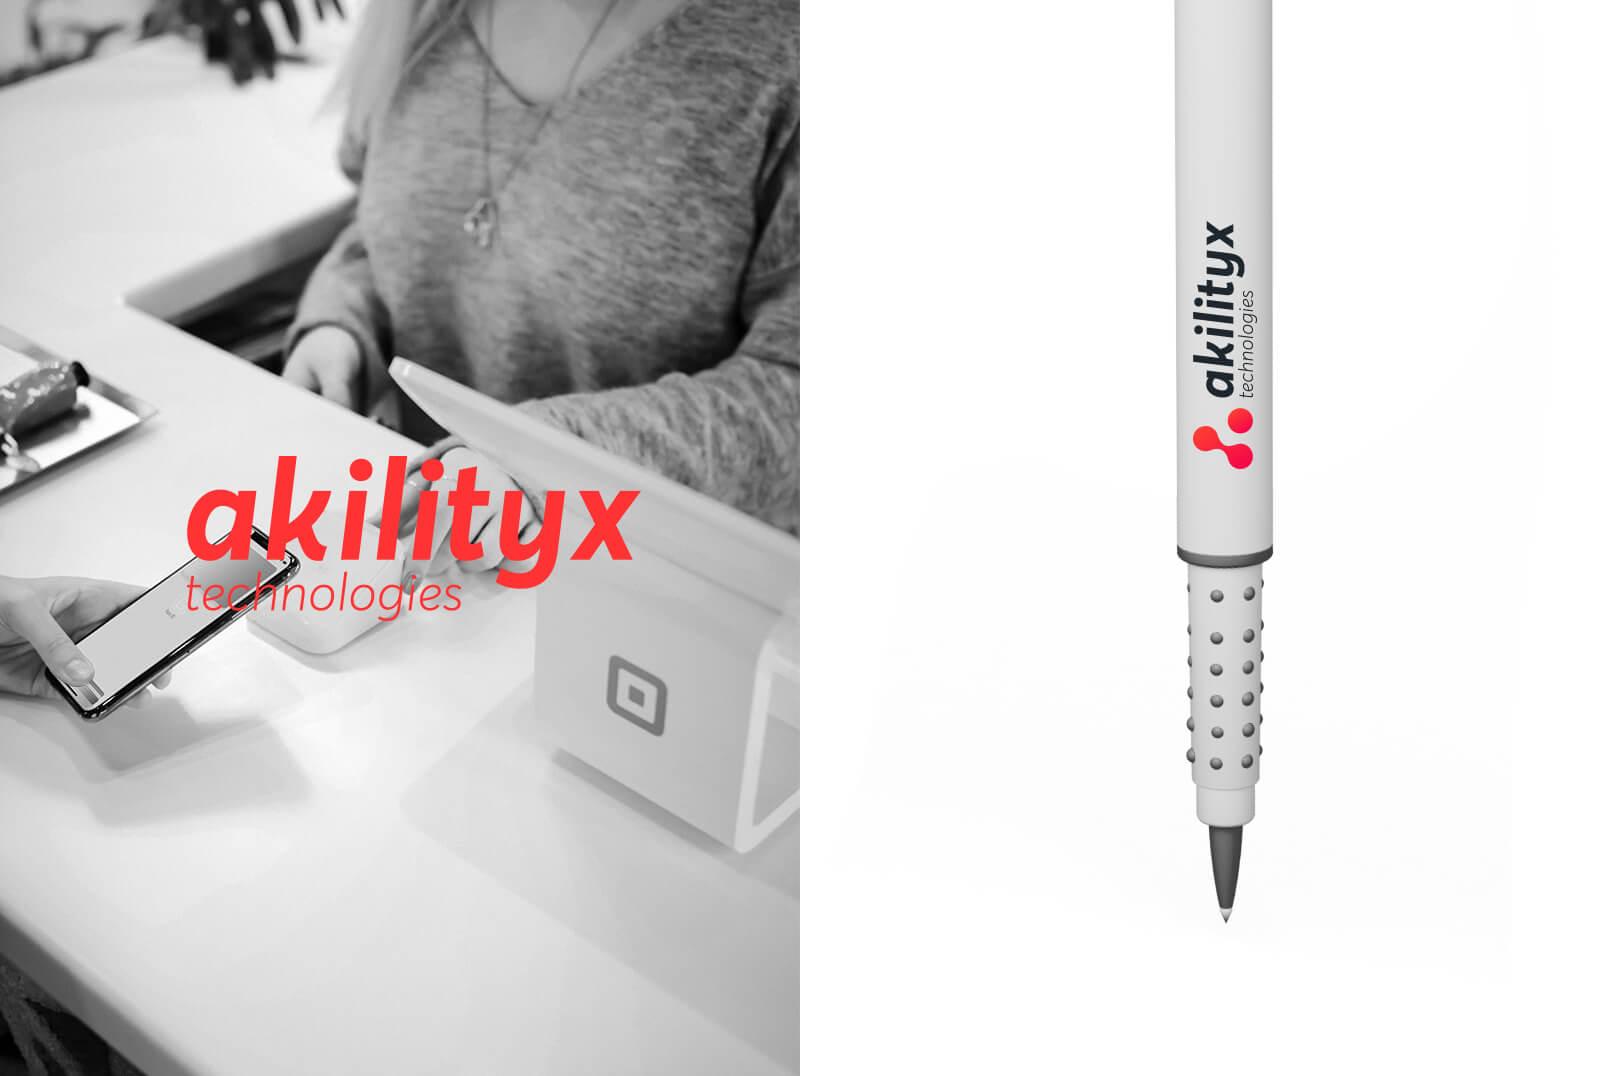 identité visuelle analytiques identité visuelle analytique Akilityx – Identité & Site web akili5